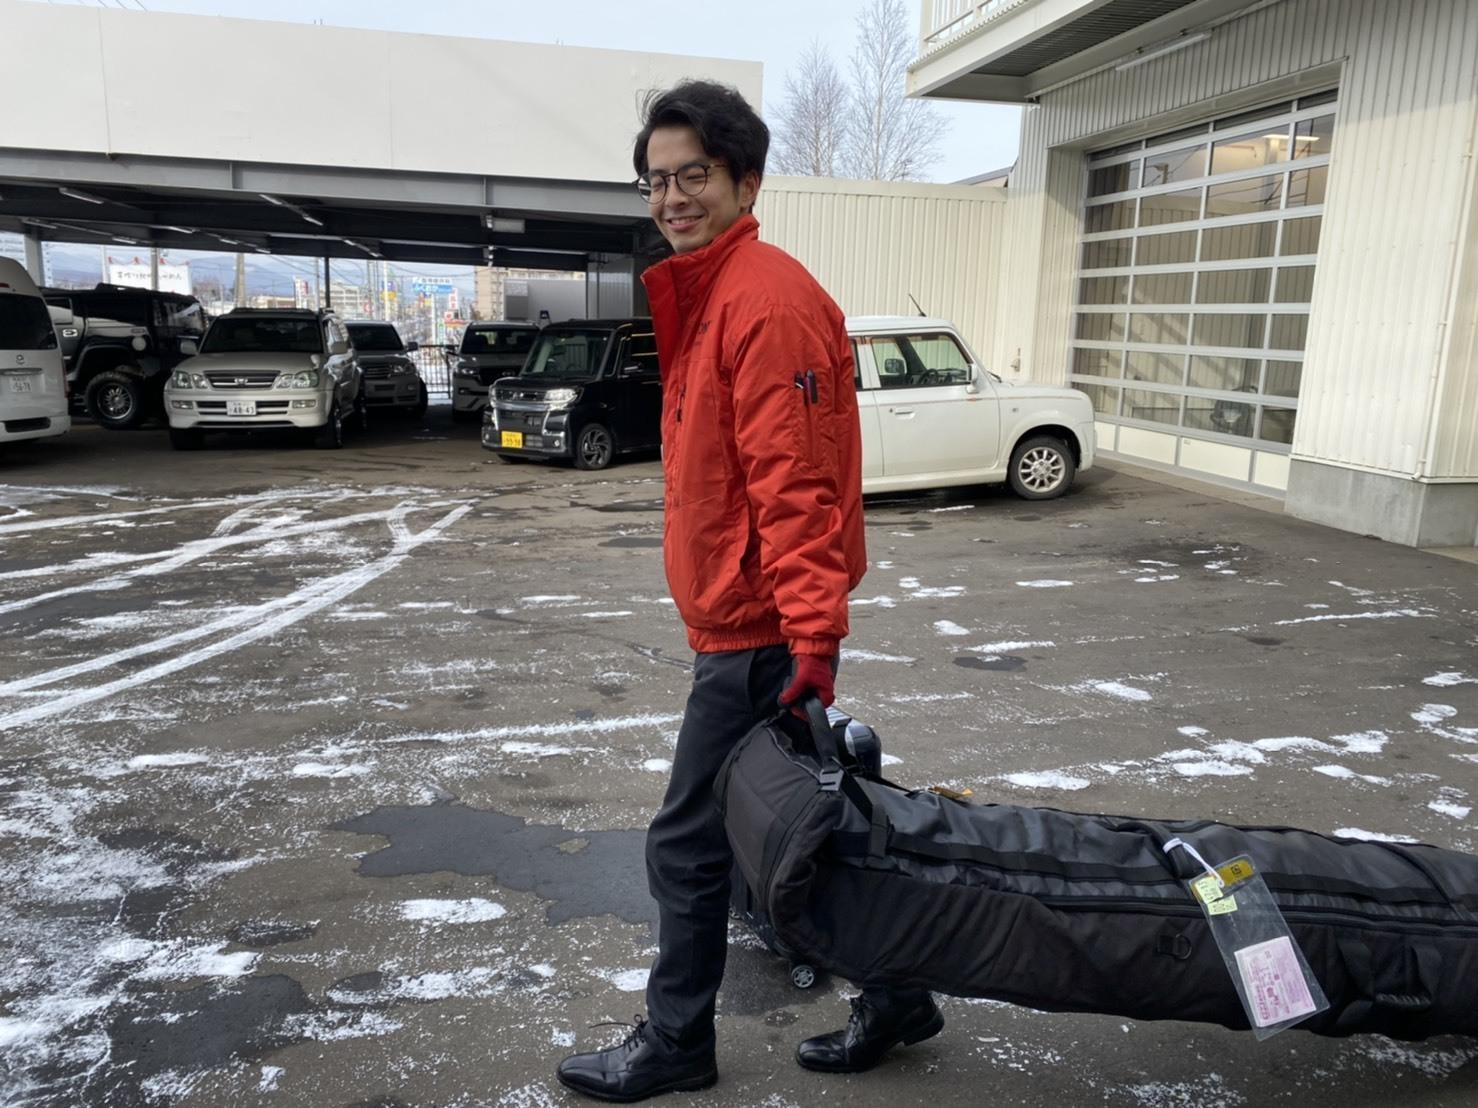 12月26日(木)♡ベンツAMG GT63あります✊ ランクル エスカレード ハマー TOMMY♡_b0127002_17295088.jpg